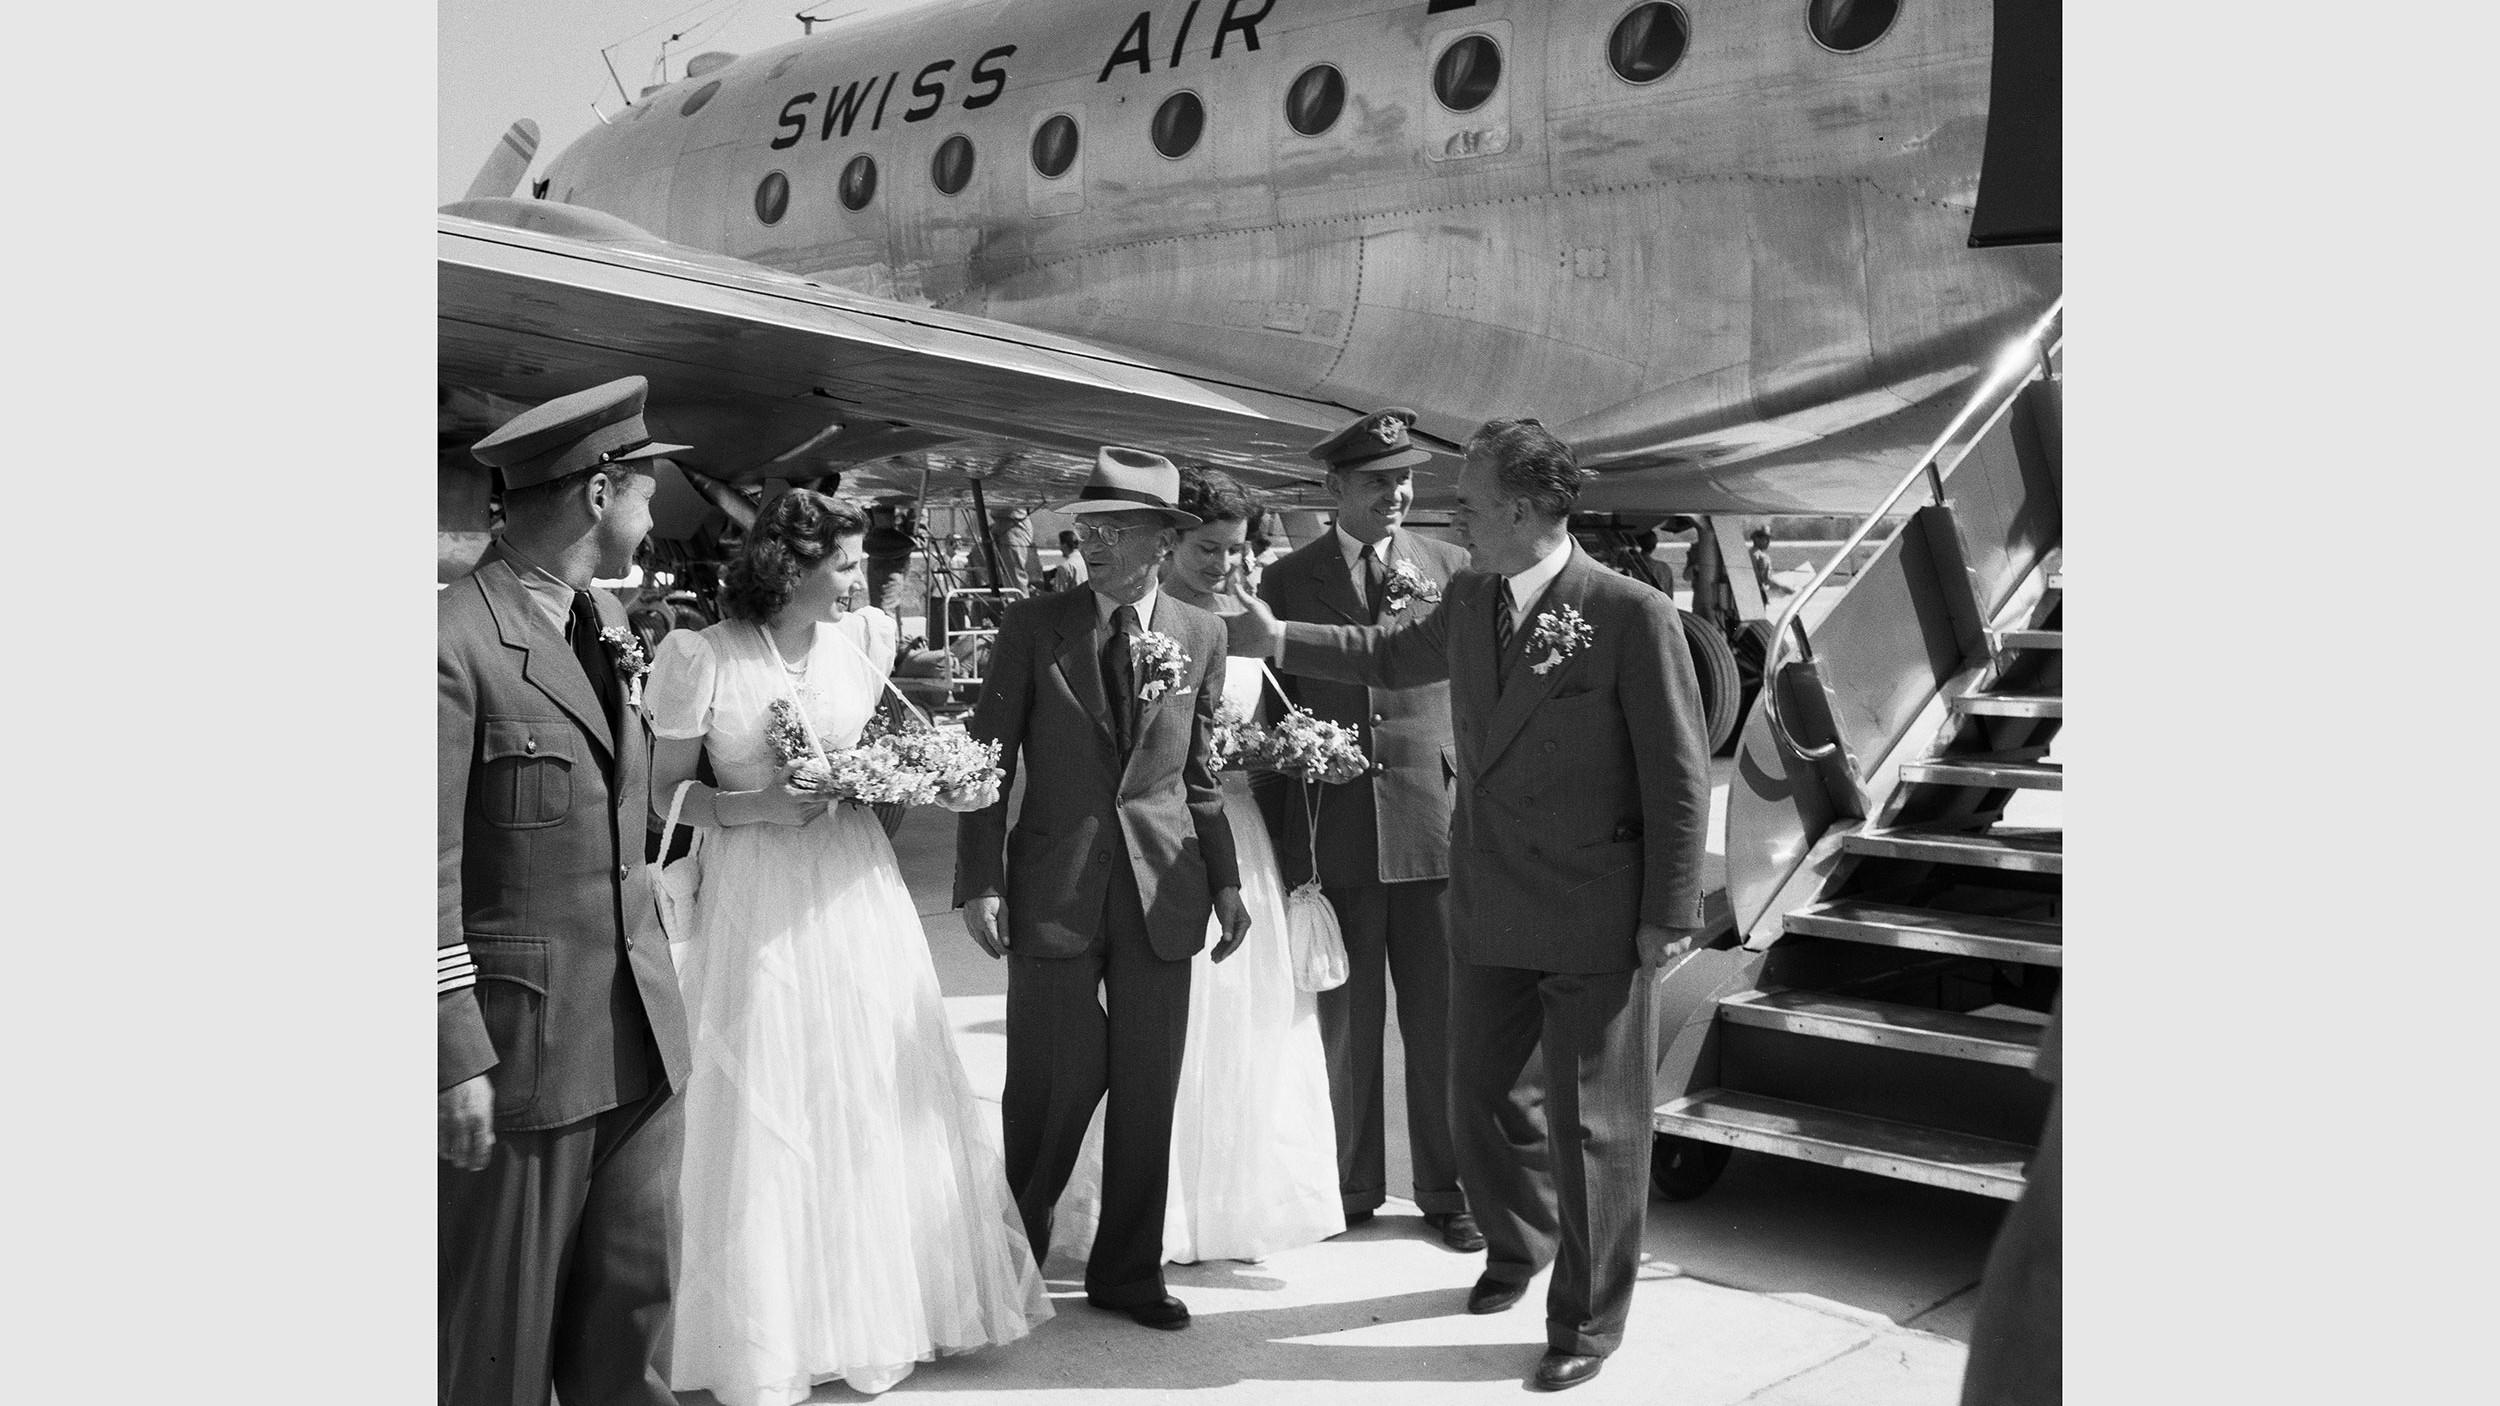 Feierlichkeiten zu Beginn des Flugbetriebes in Zürich-Kloten